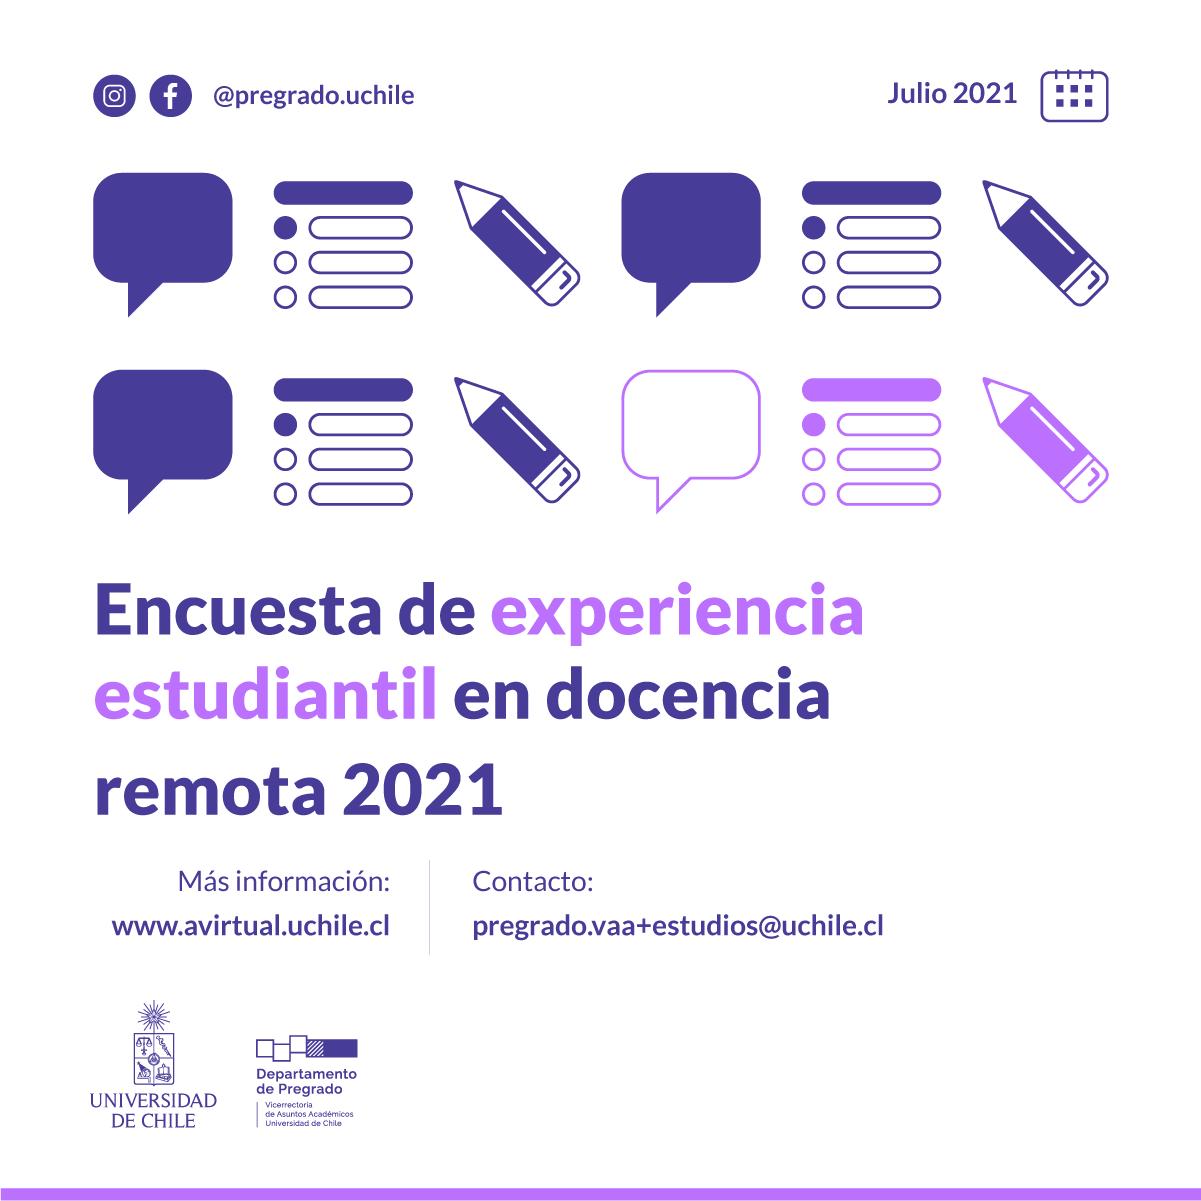 Encuesta de experiencia estudiantil 2021